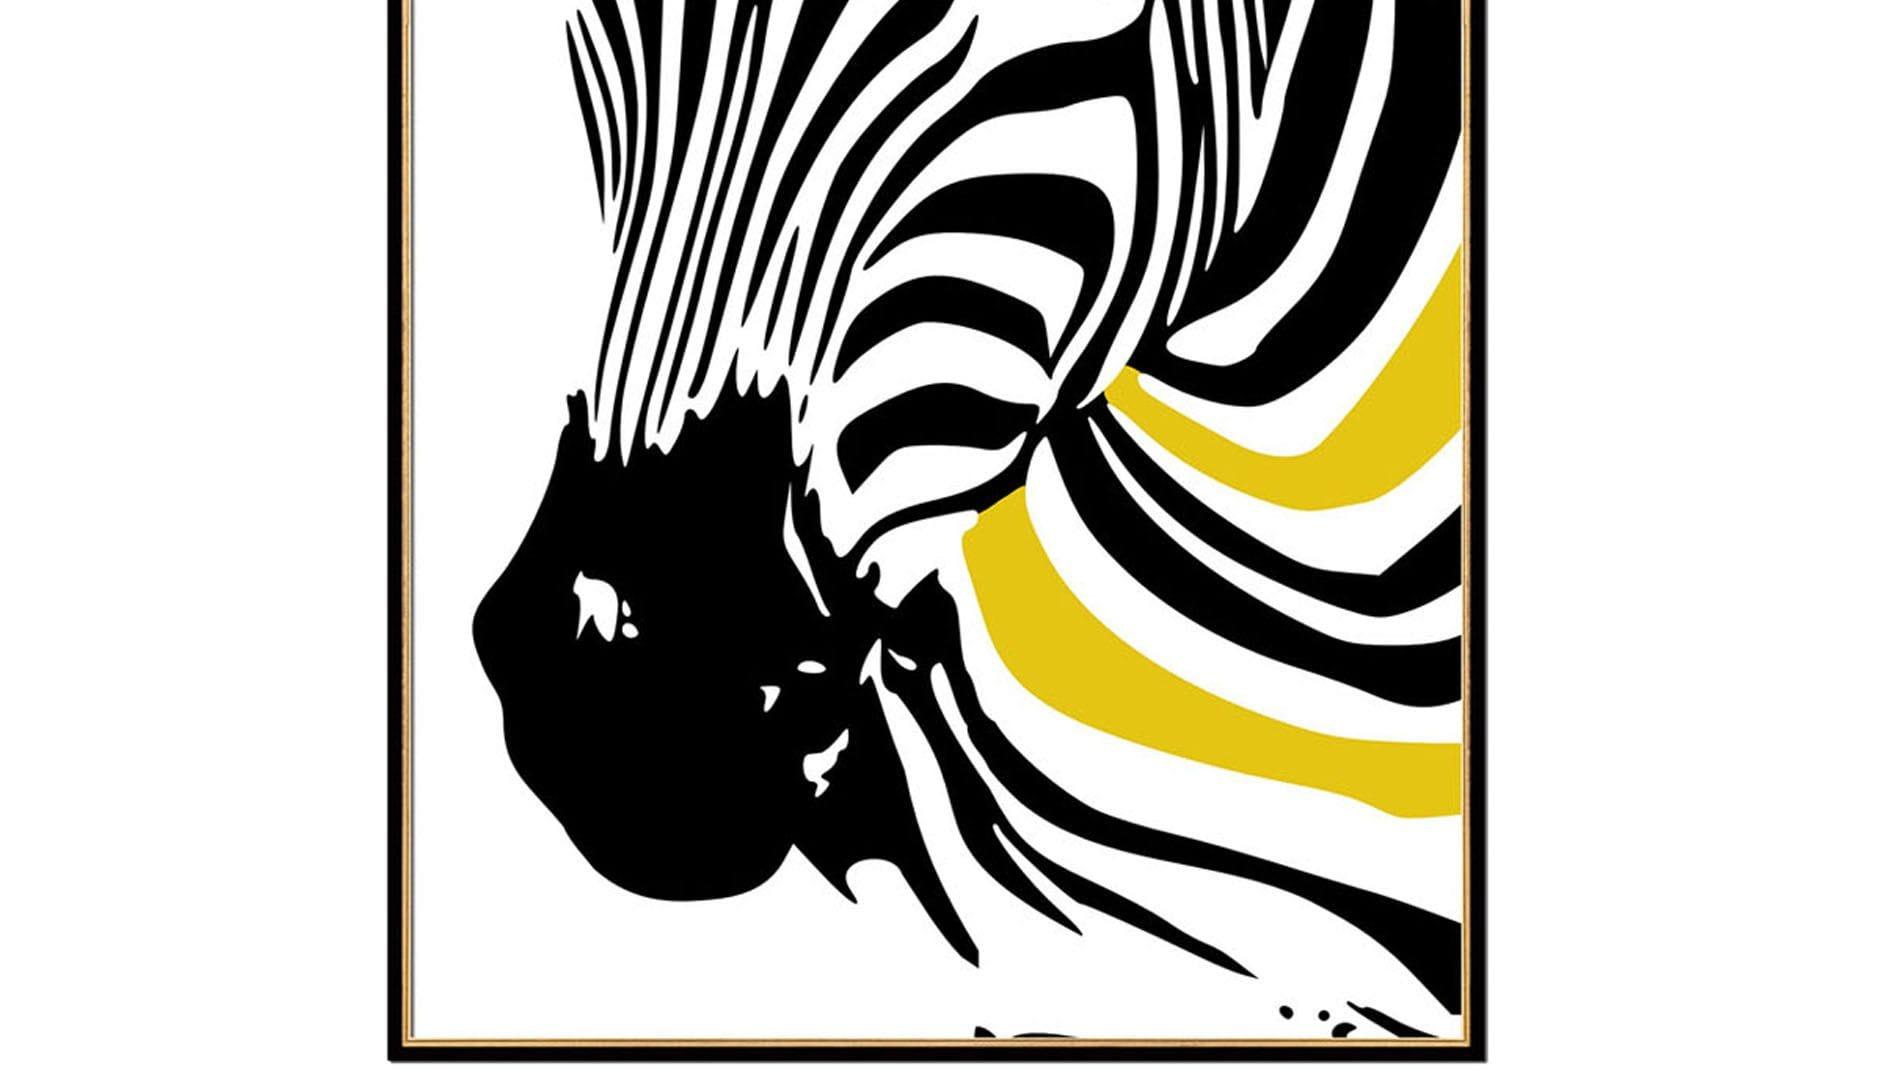 Постер на стену Зебра-1 60х80см